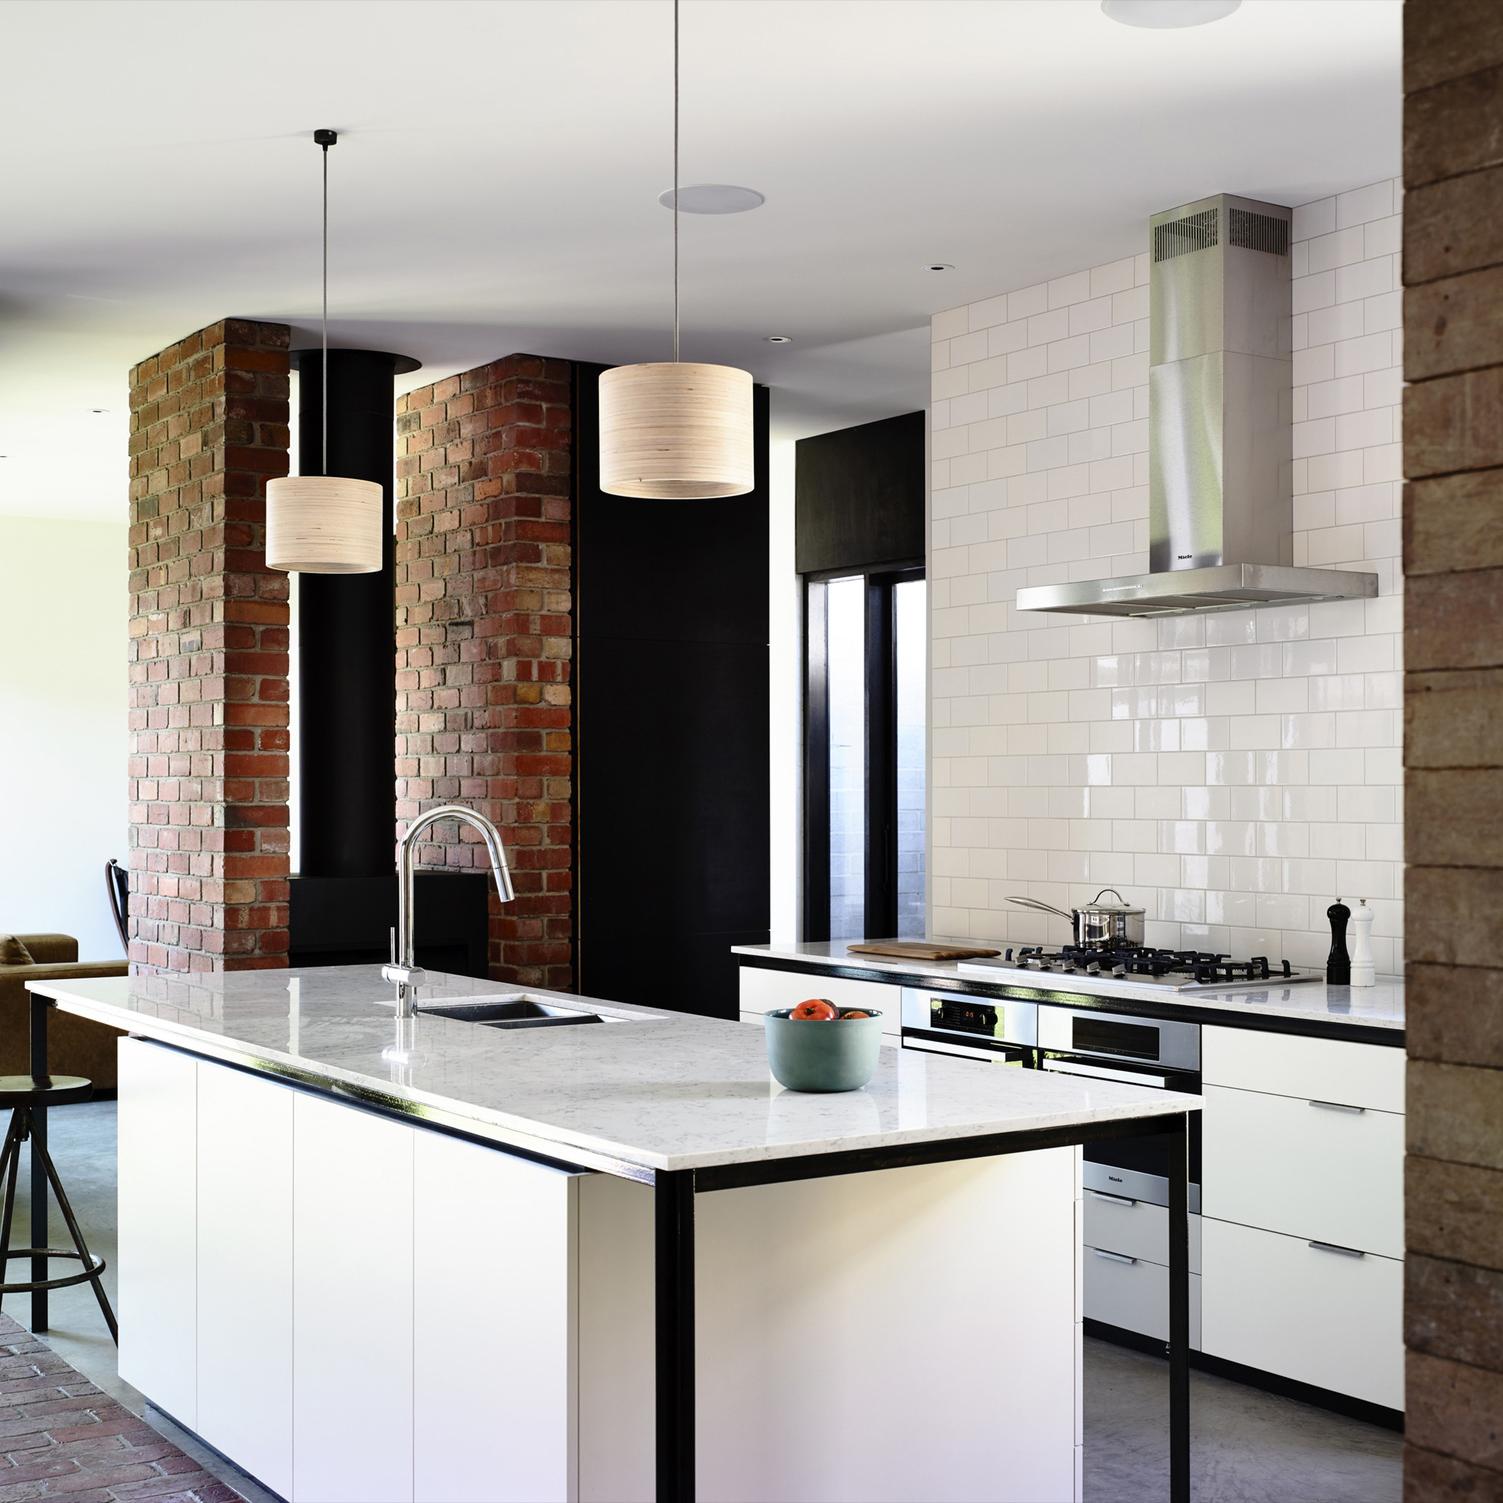 Светлая кухня в индустриальном стиле